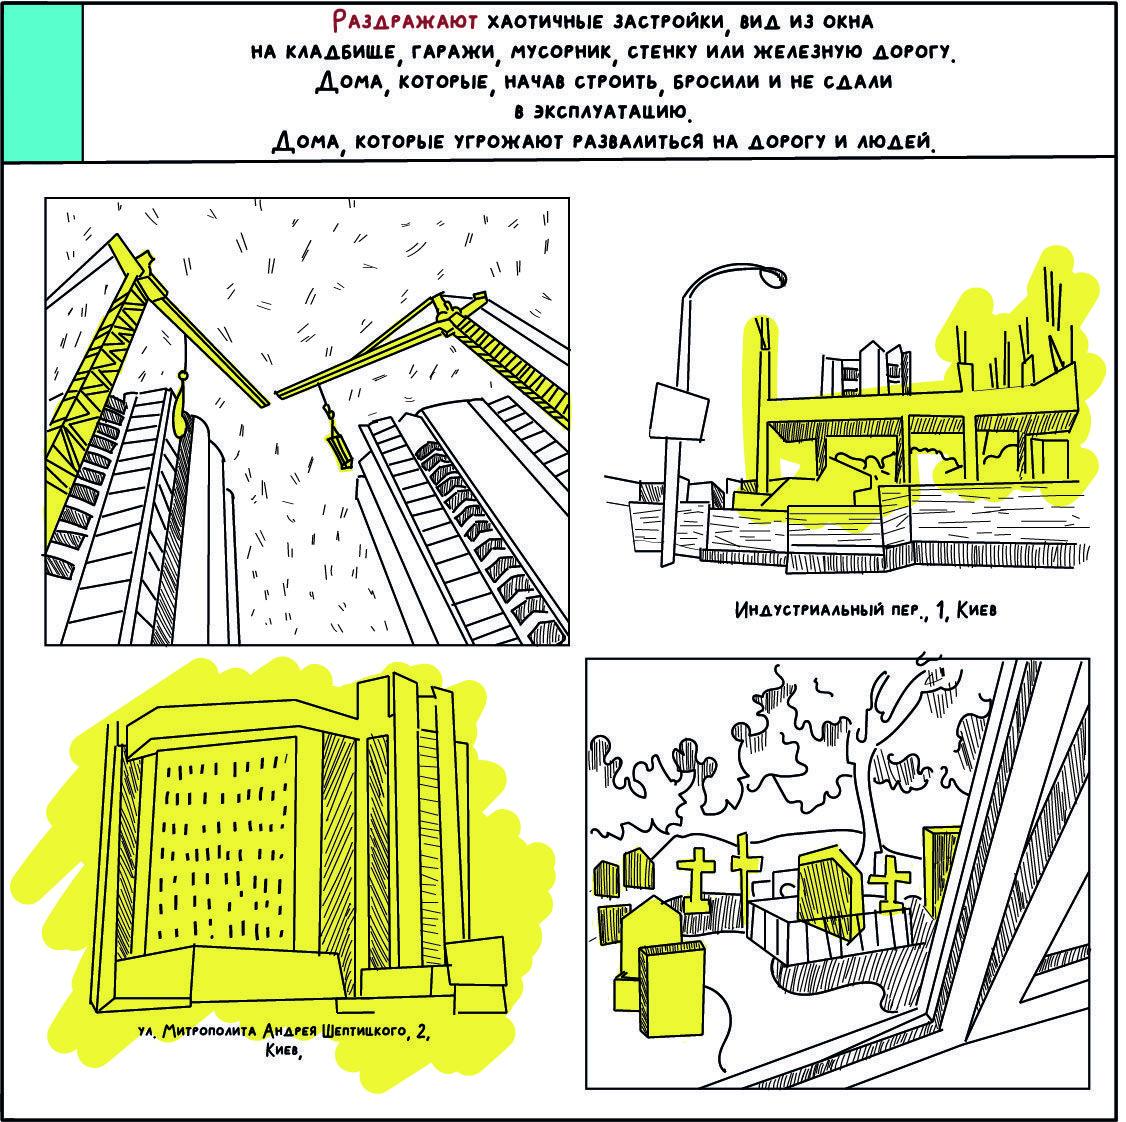 comics about kyiv 08 - <b>«Собі побібікай!»</b> Комікс Анастасії Оприщенко про те, що дратує в Києві найбільше - Заборона